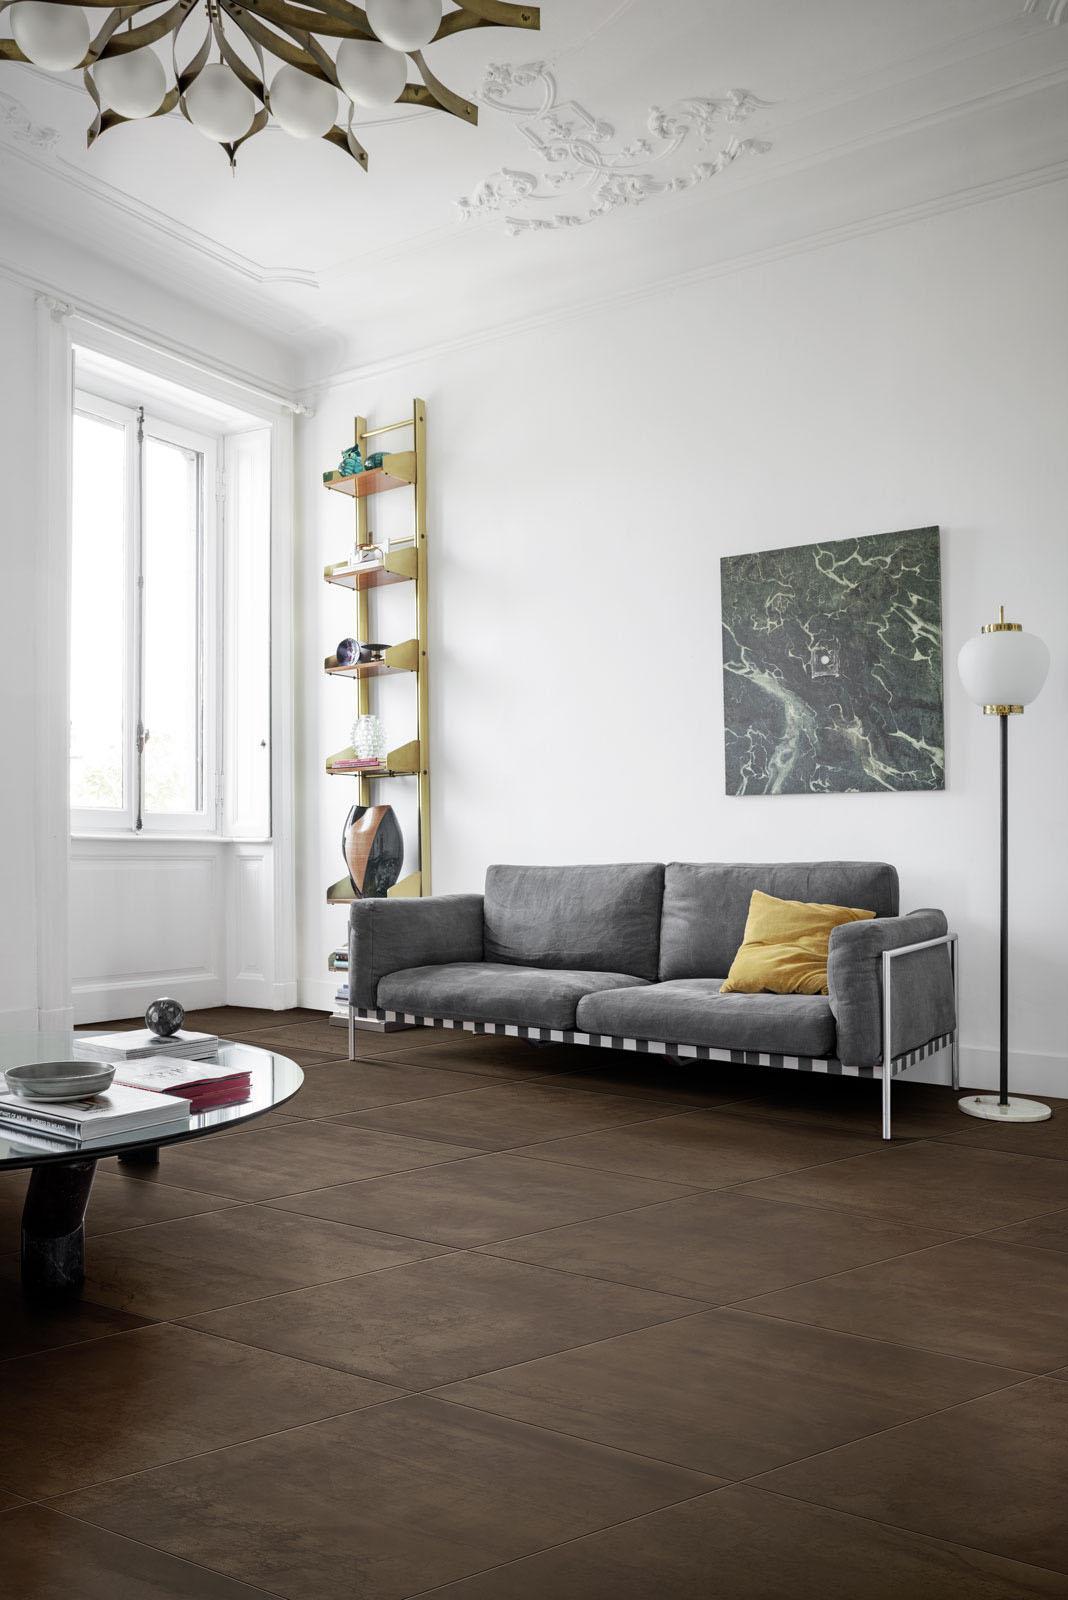 Die Farben und Trends im Interior Design 2018